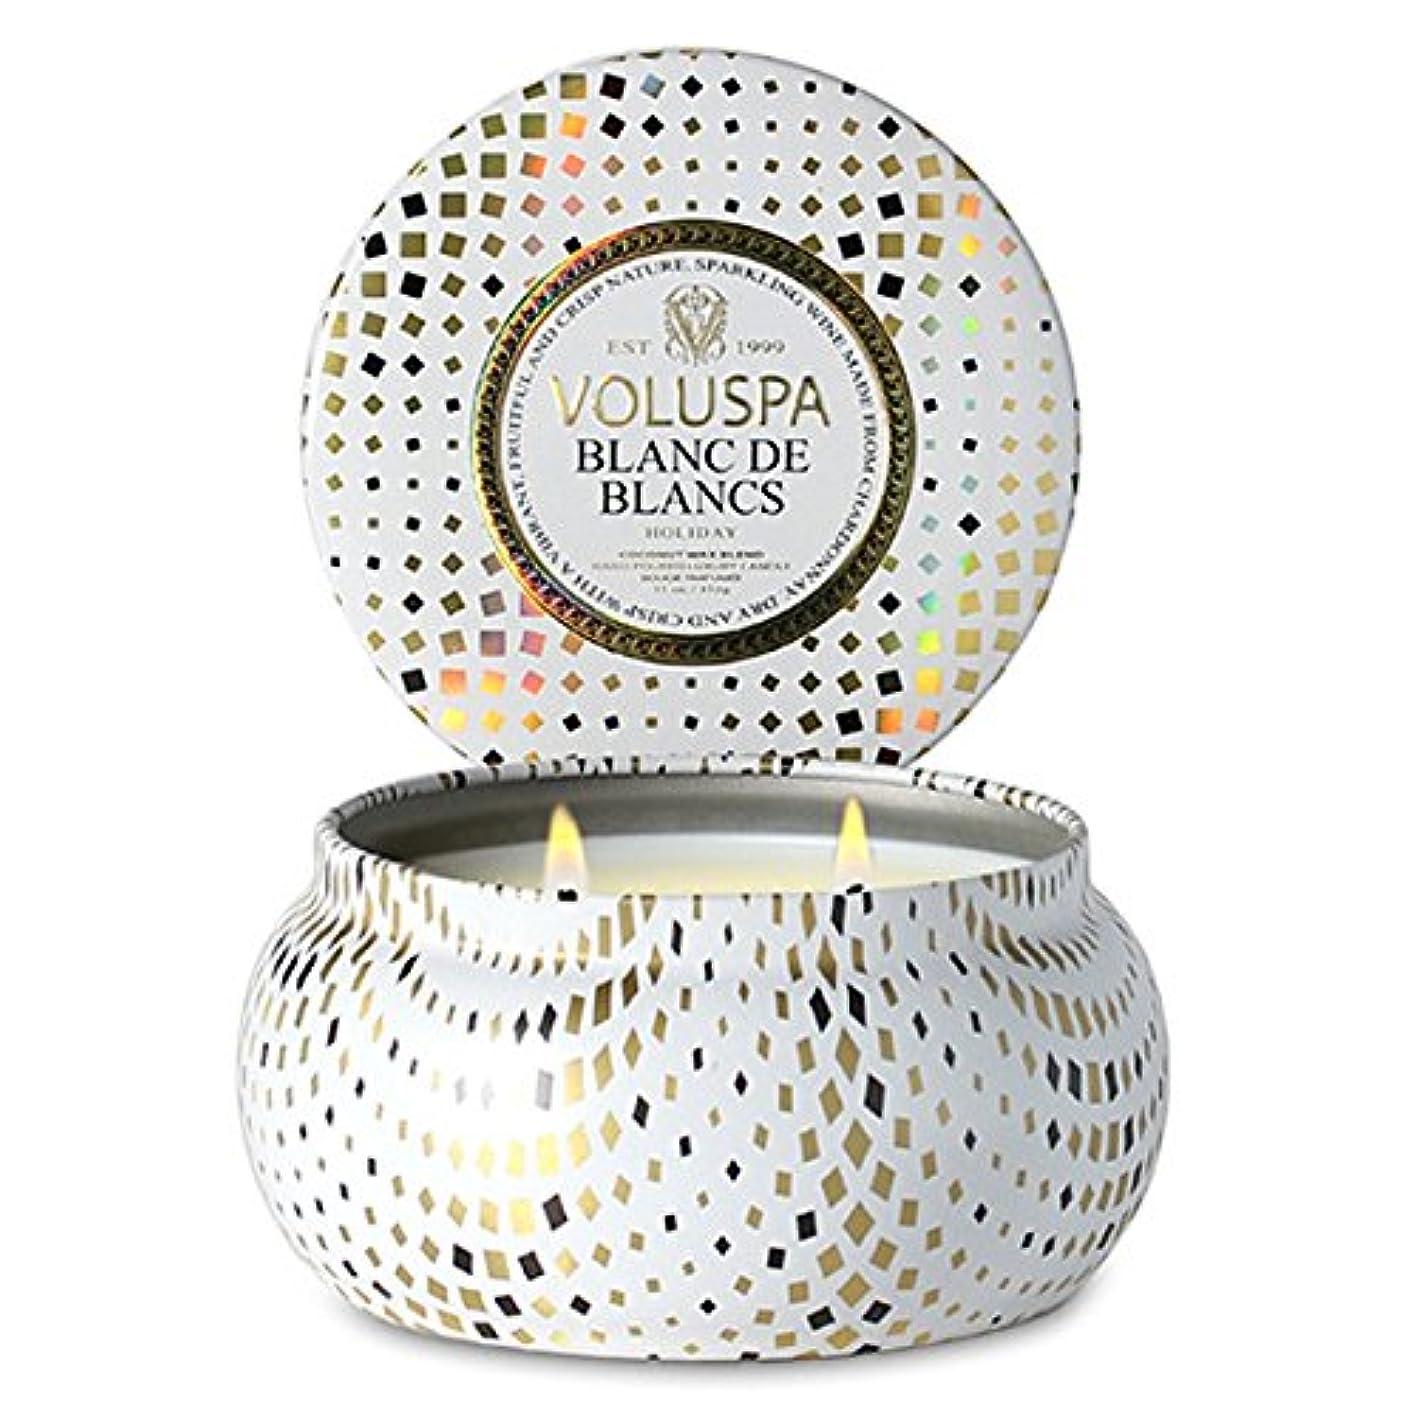 いじめっ子フィード臭いVoluspa ボルスパ メゾンホリデー 2-Wick ティンキャンドル ブラン ド ブラン BLANC DE BLANCS MASION HOLIDAY 2-ウィック Tin Glass Candle